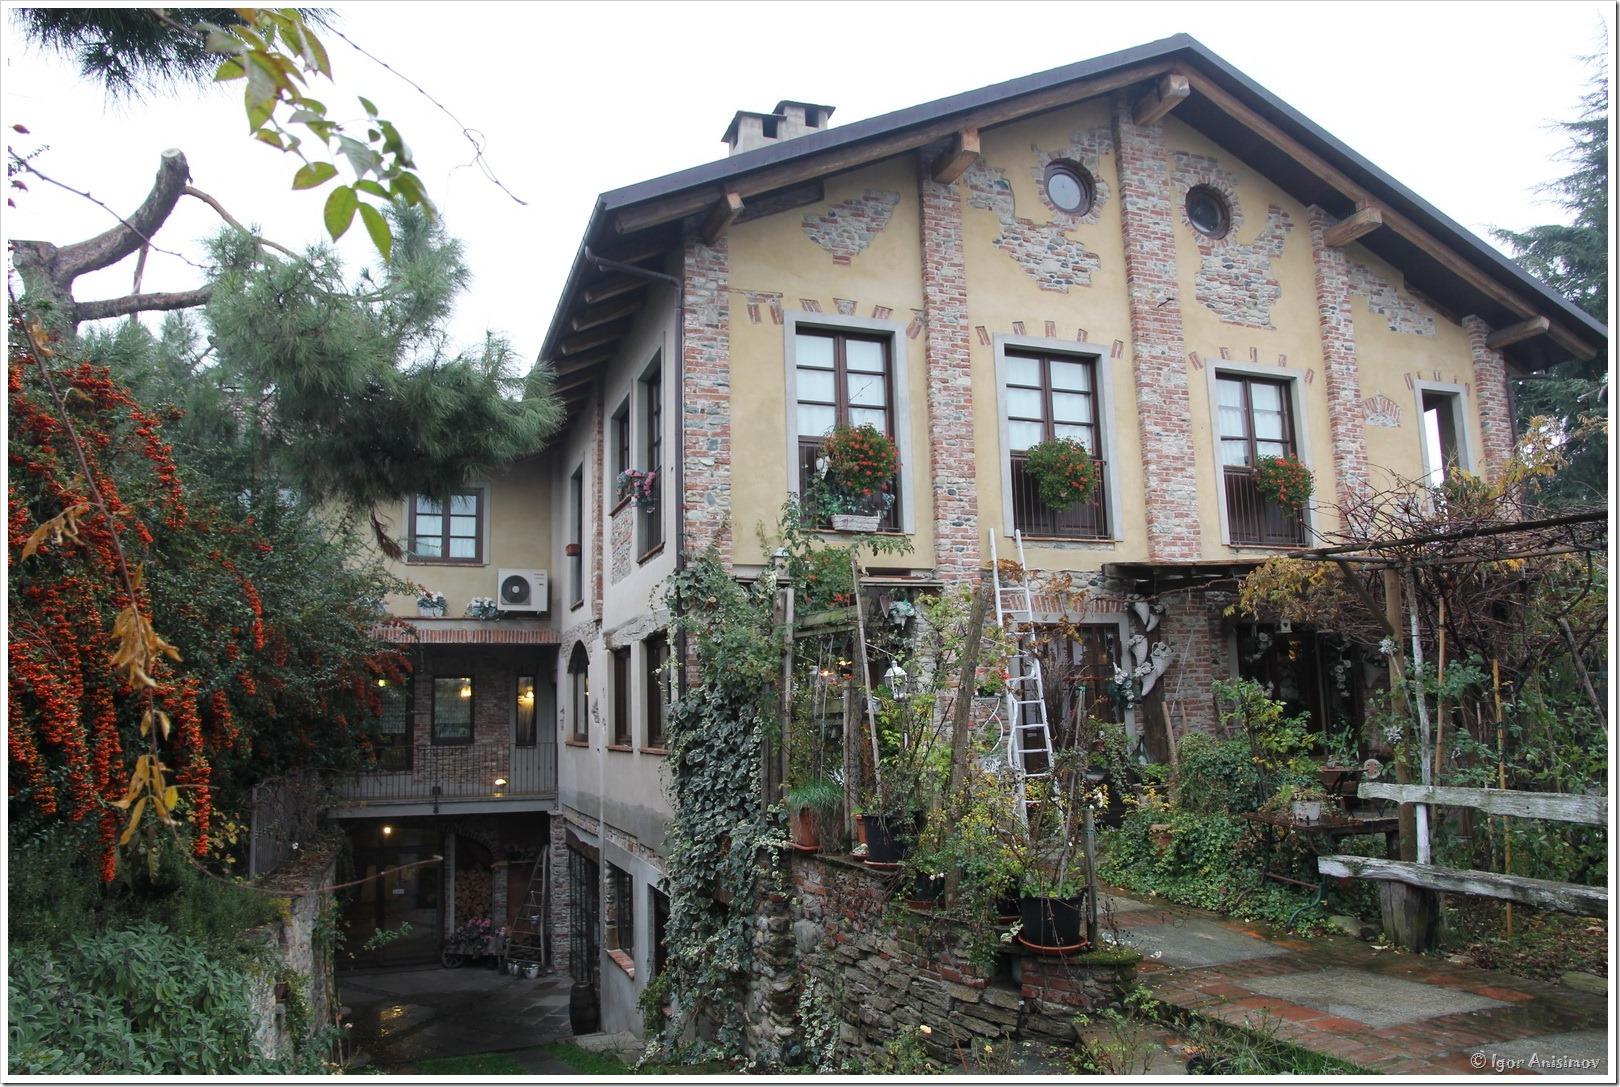 Италия 2016. Отель La Via' в Cavour и рынок в Pinerolo